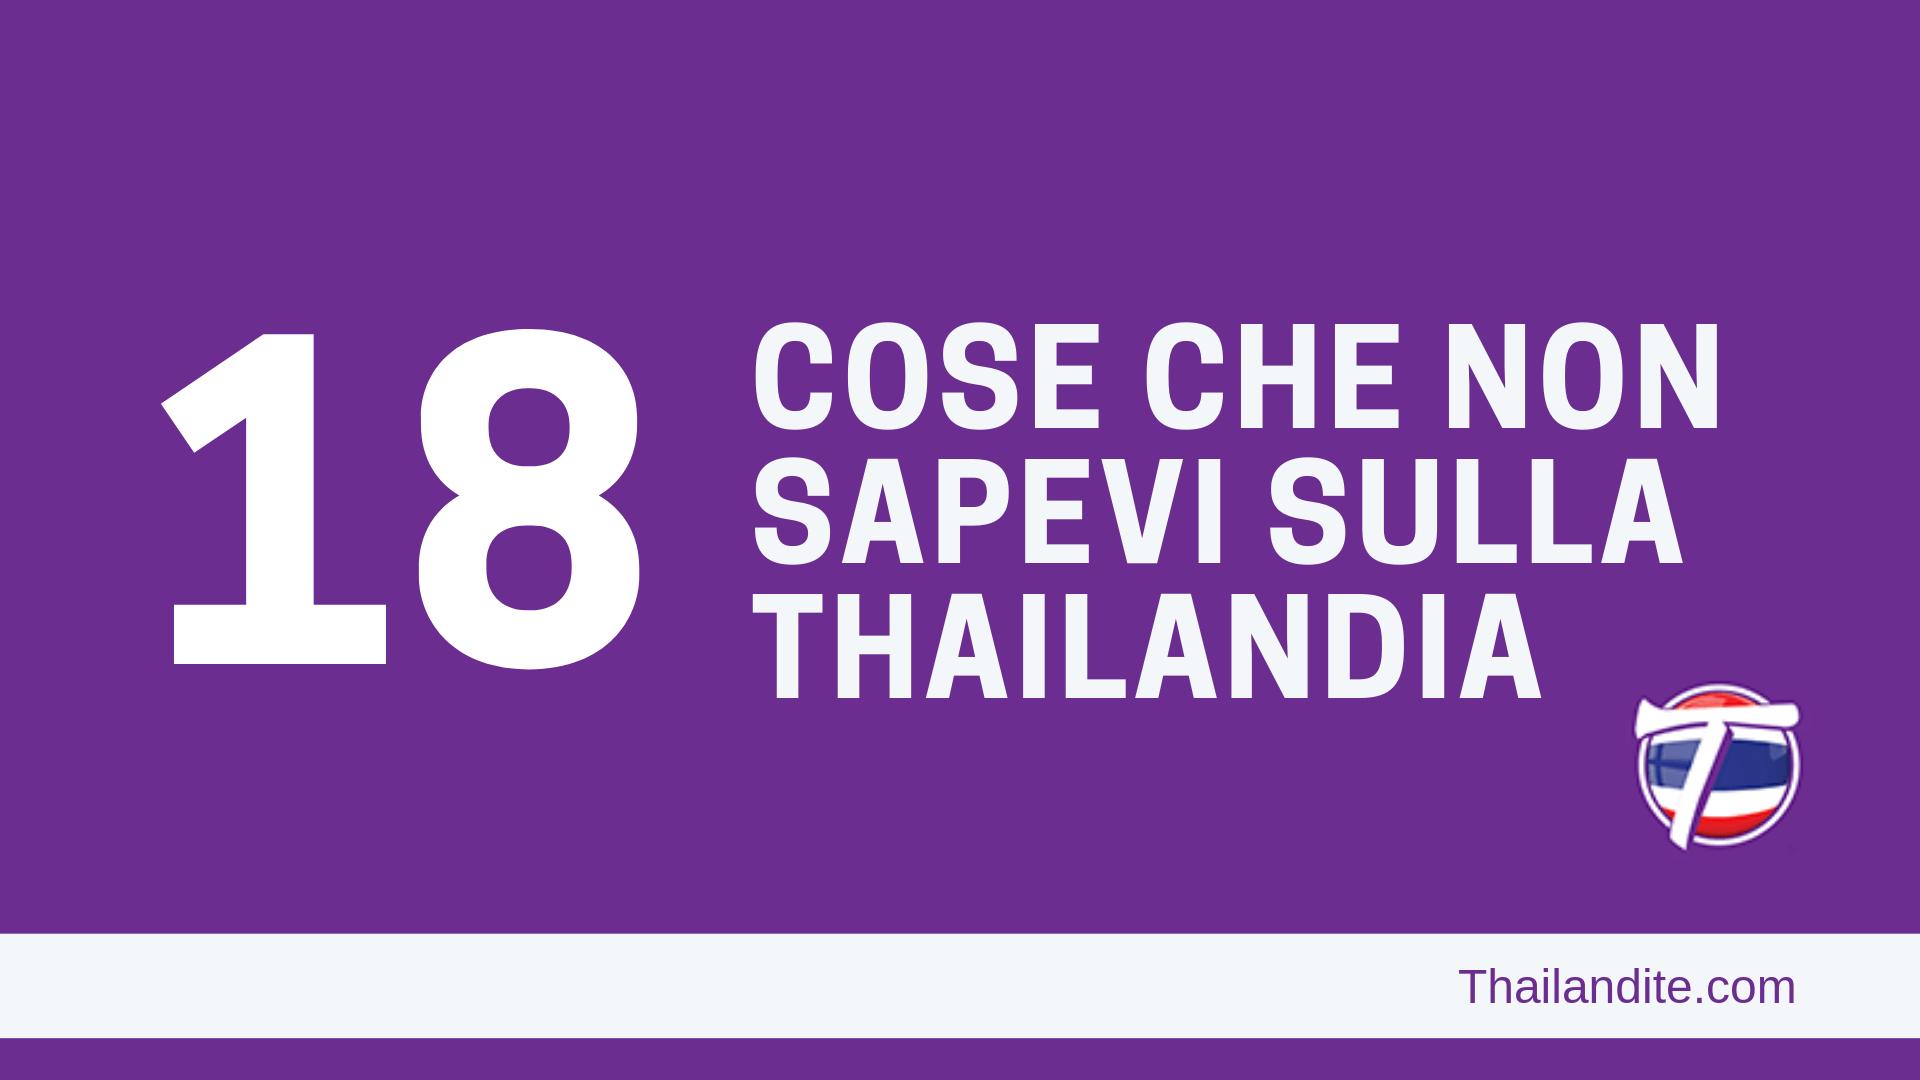 18 cose che non sapevi della Thailandia